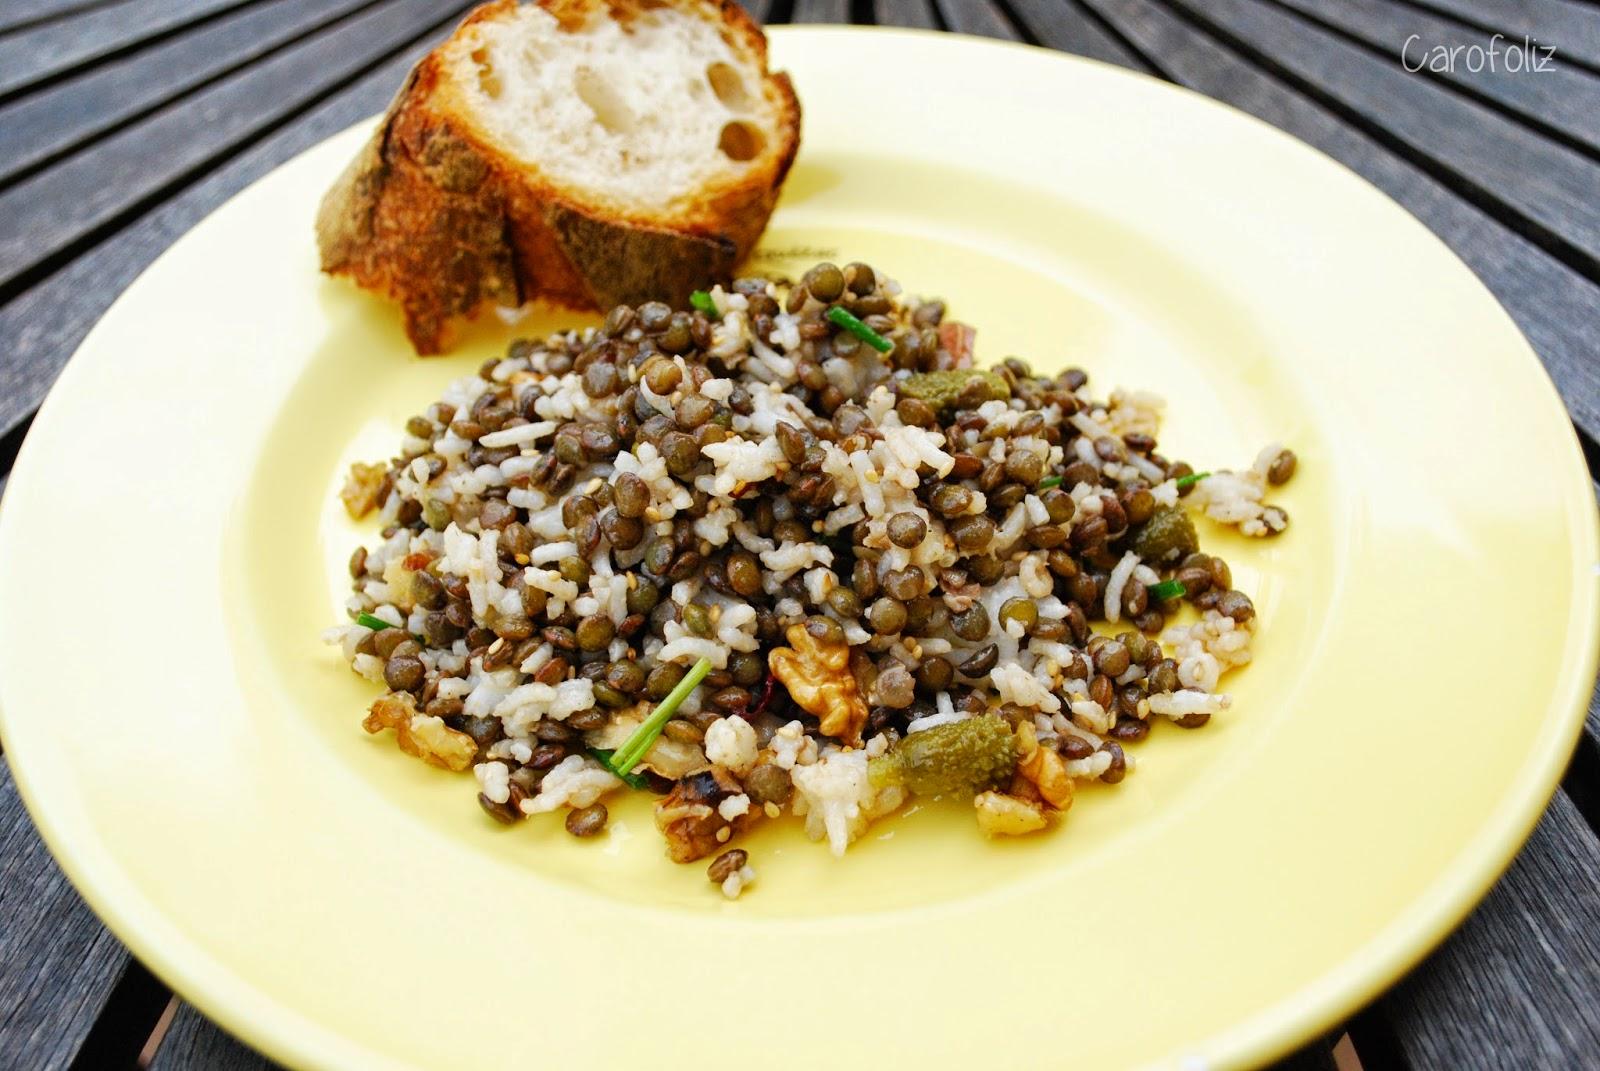 salade de lentilles vertes et riz carofoliz cuisine. Black Bedroom Furniture Sets. Home Design Ideas